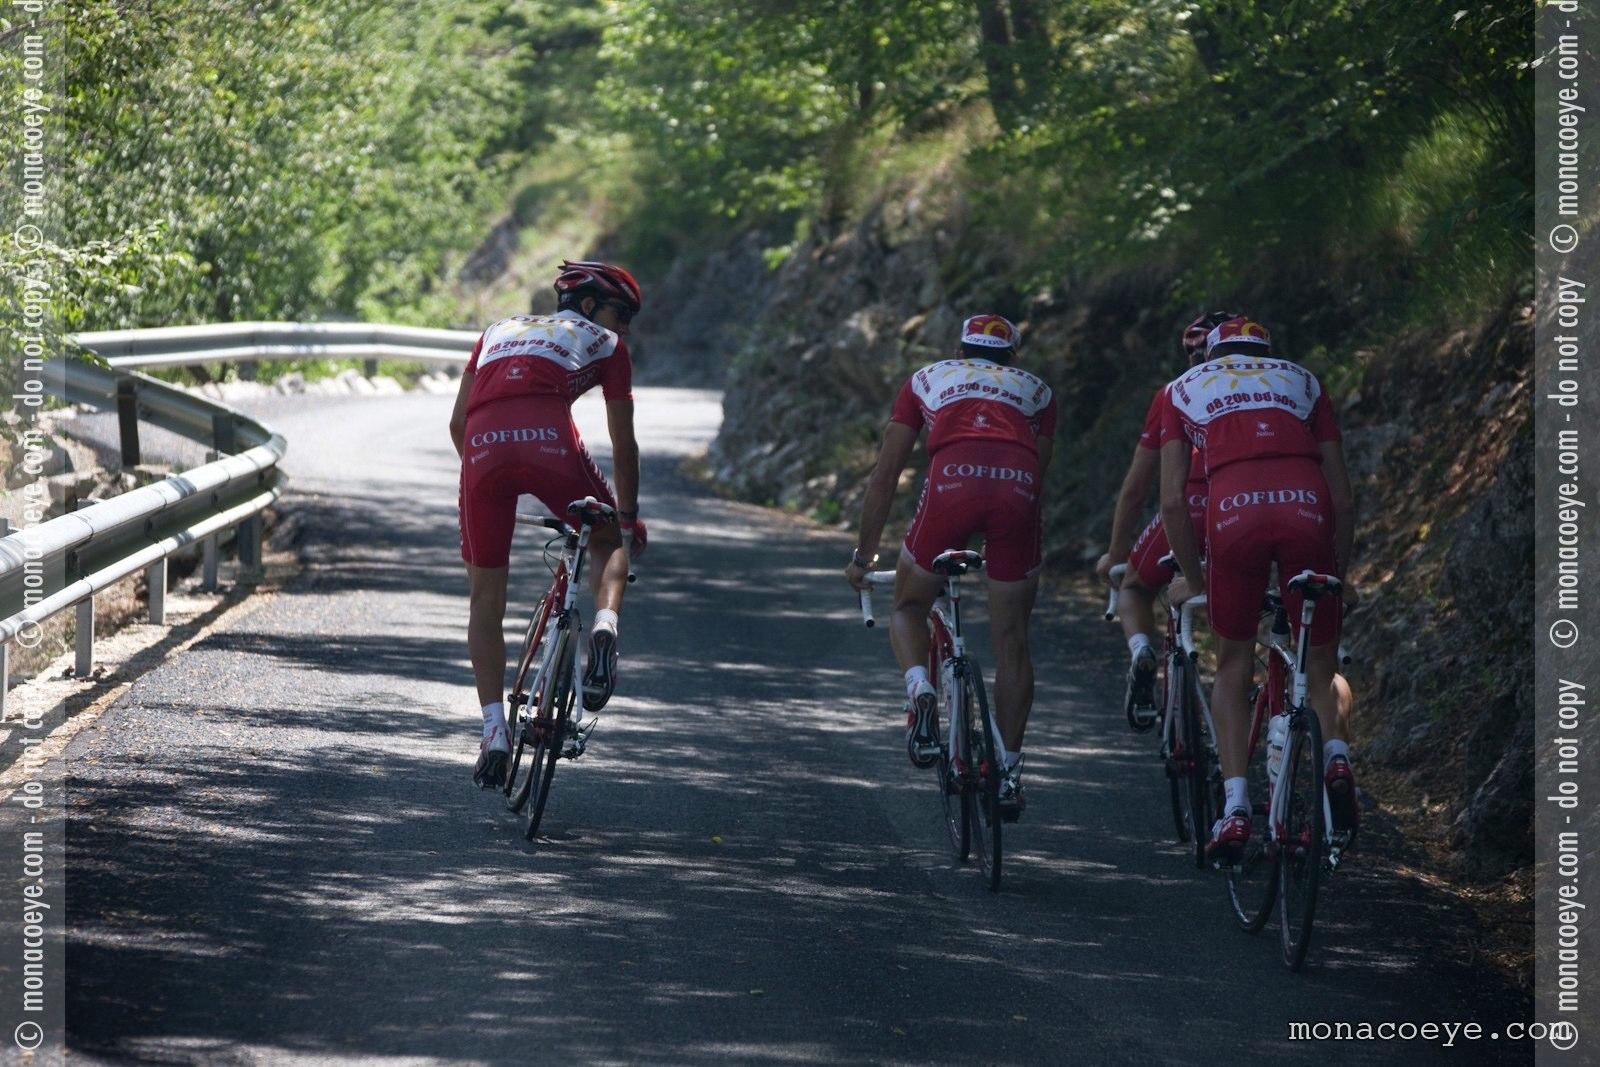 Cofidis Tour De France